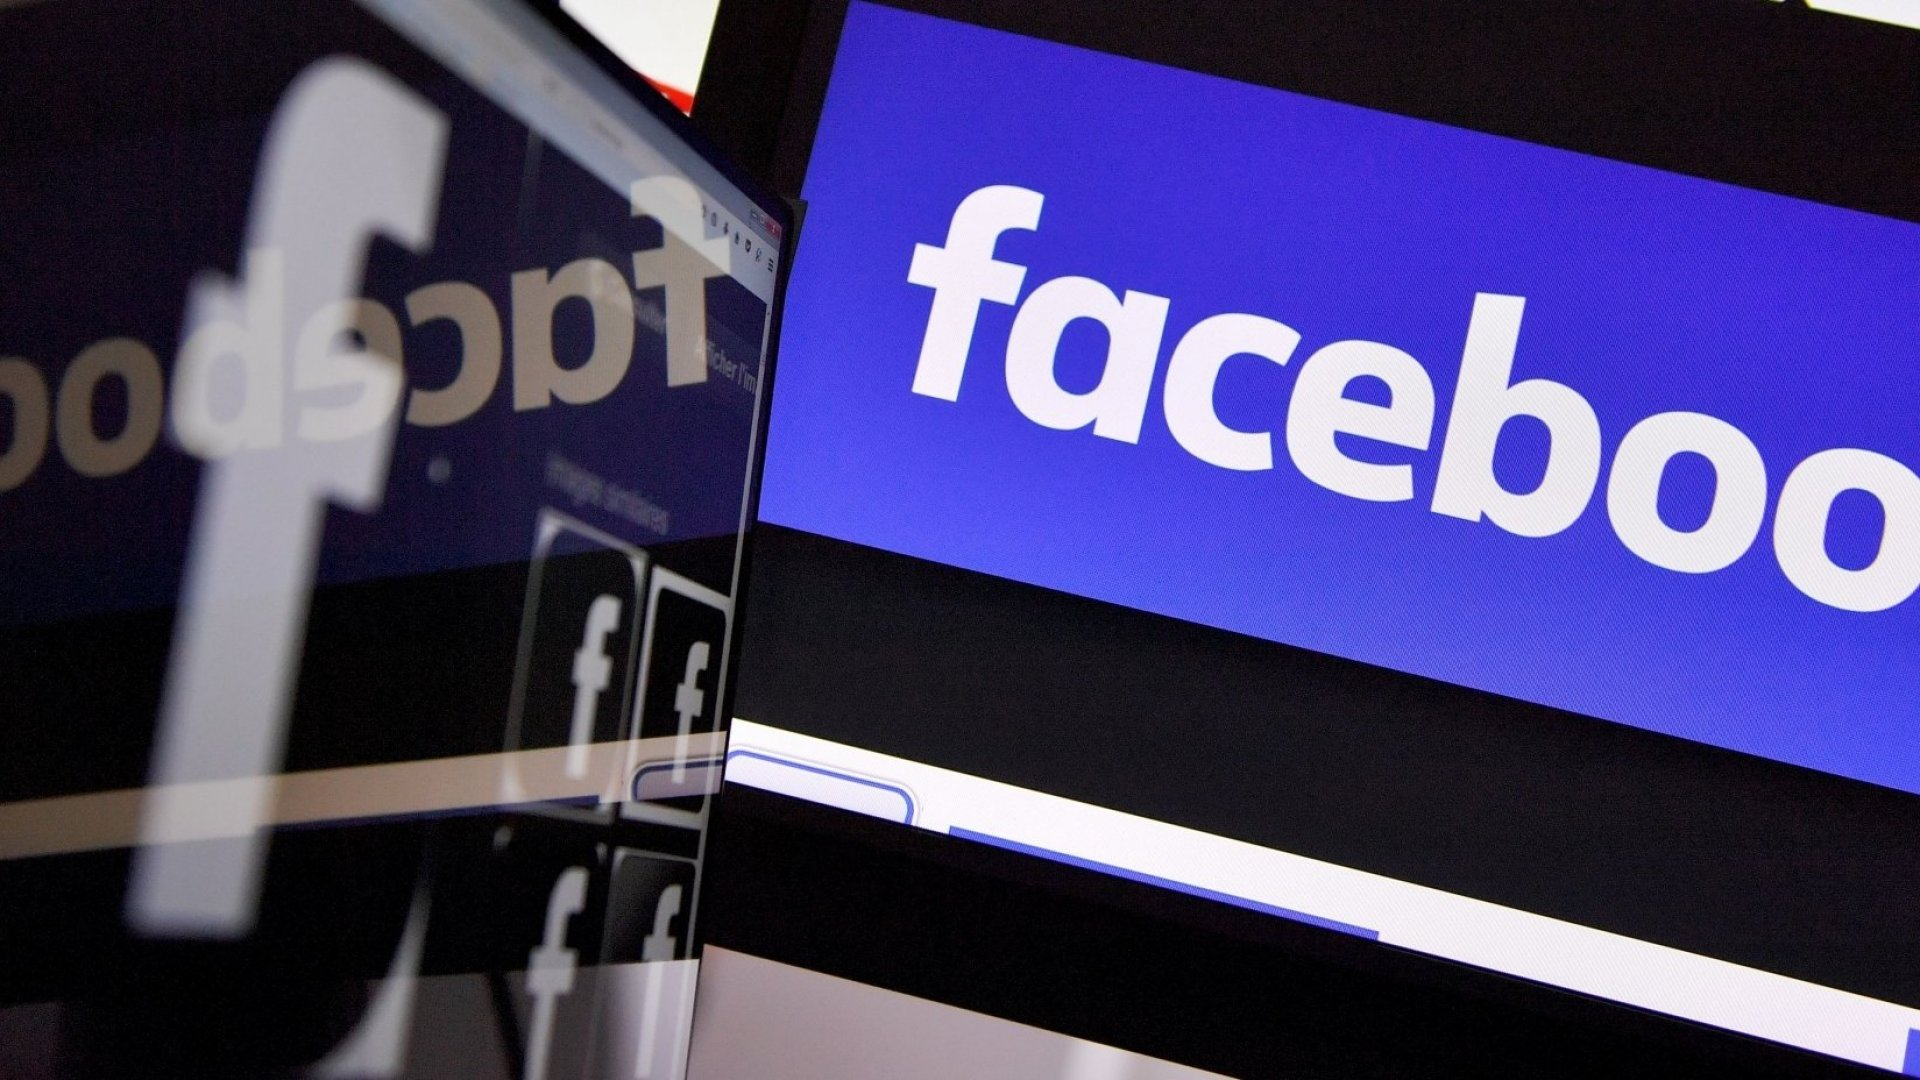 Depoziția whistleblowerului Facebook a stârnit o furtună de reacții în politica americană